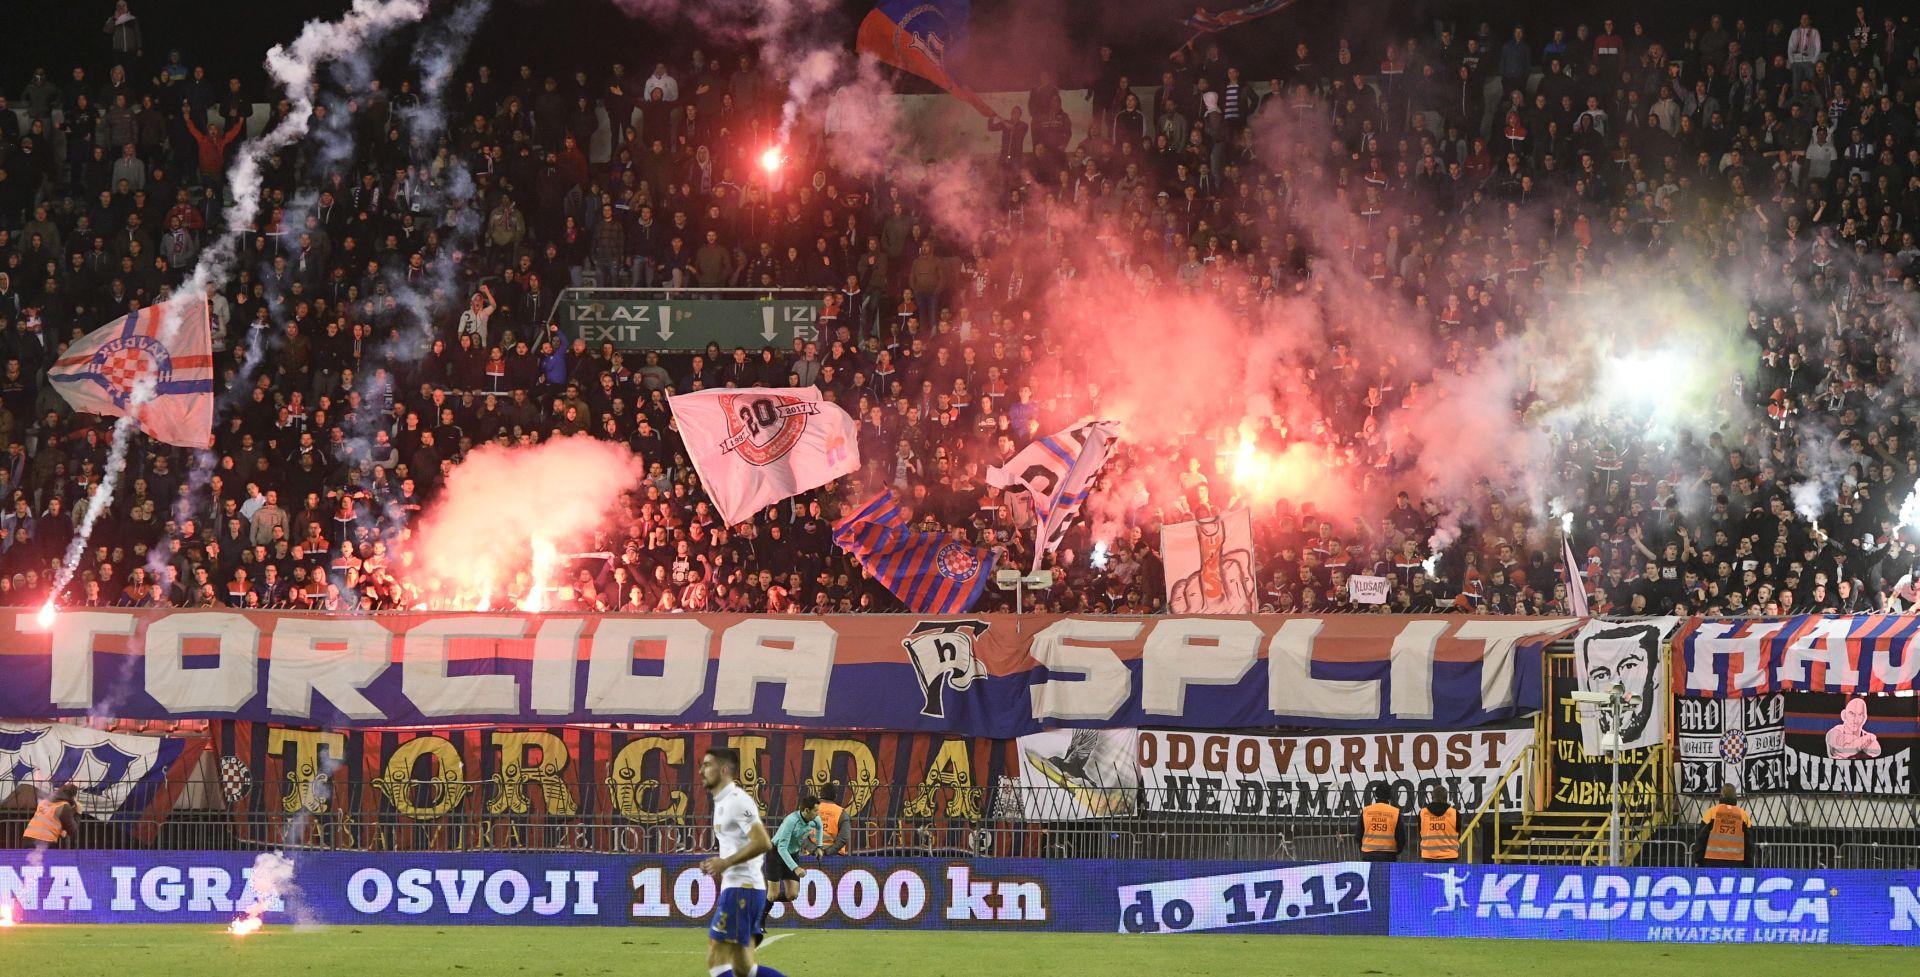 Hajduku 'čestitka' od 55 tisuća kuna, kažnjeni i Rijeka i Dinamo